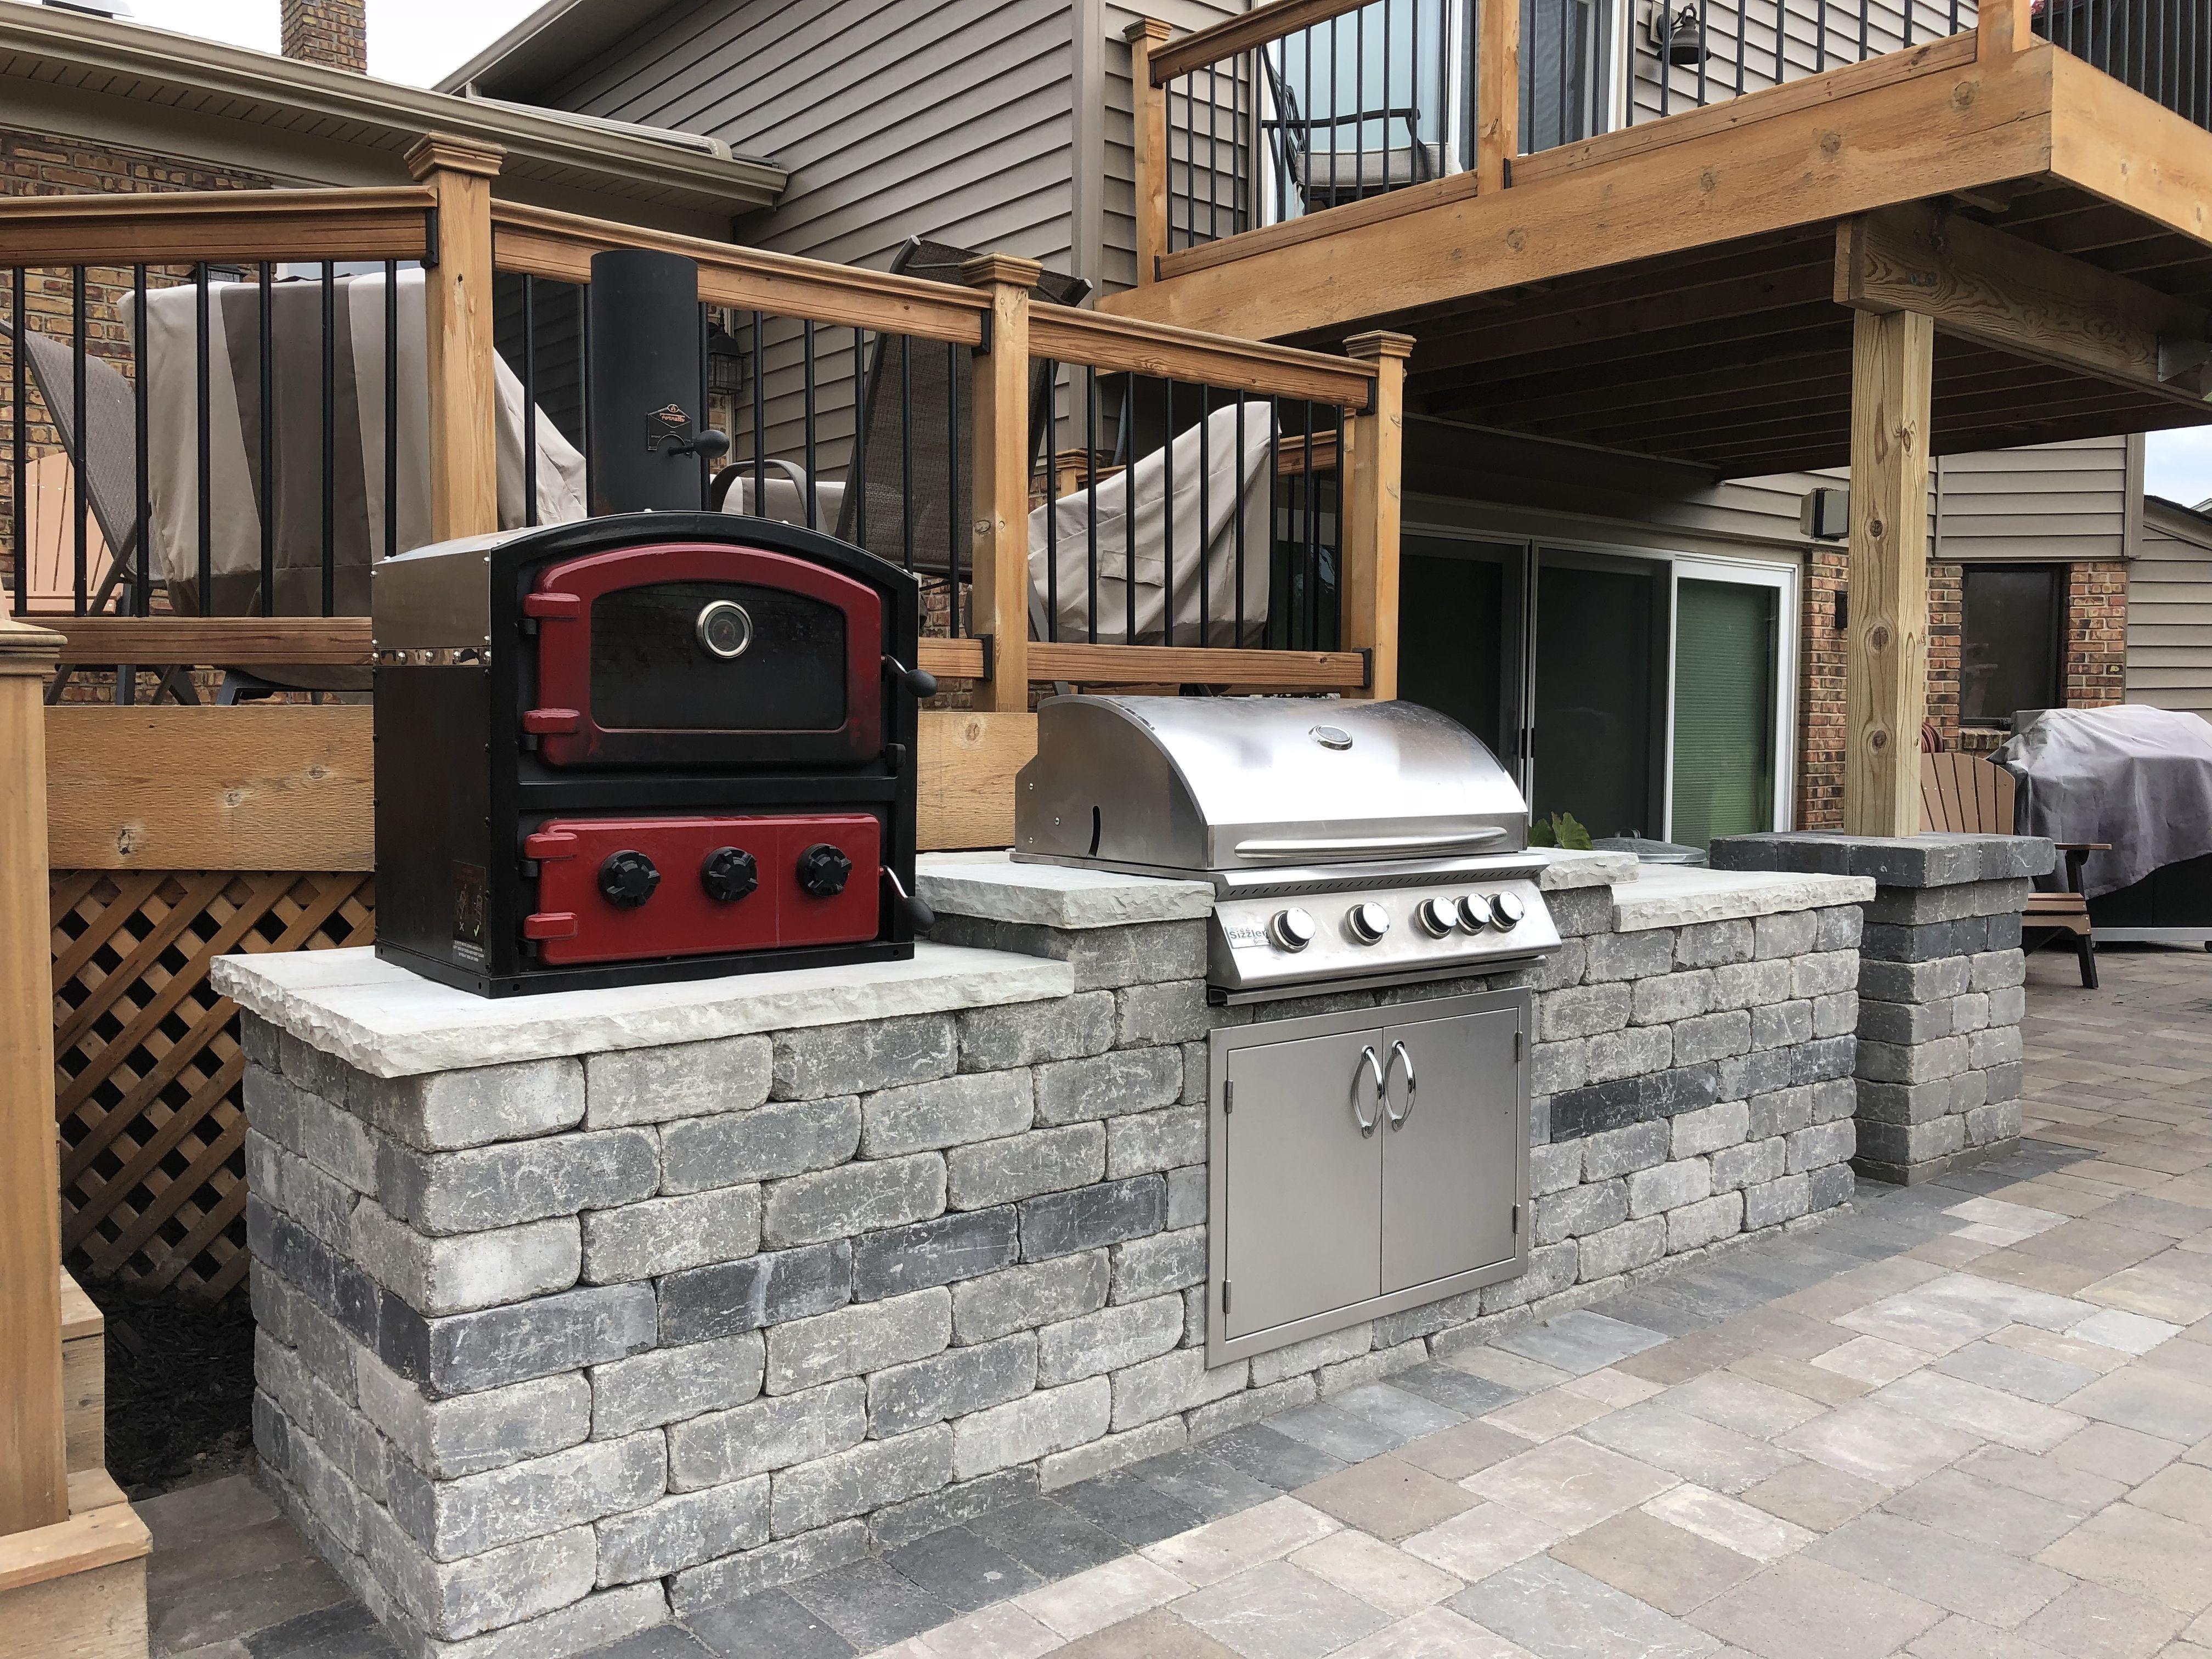 Brick pavers grill station | Brick paver patio, Brick ... on Patio Grill Station id=33409